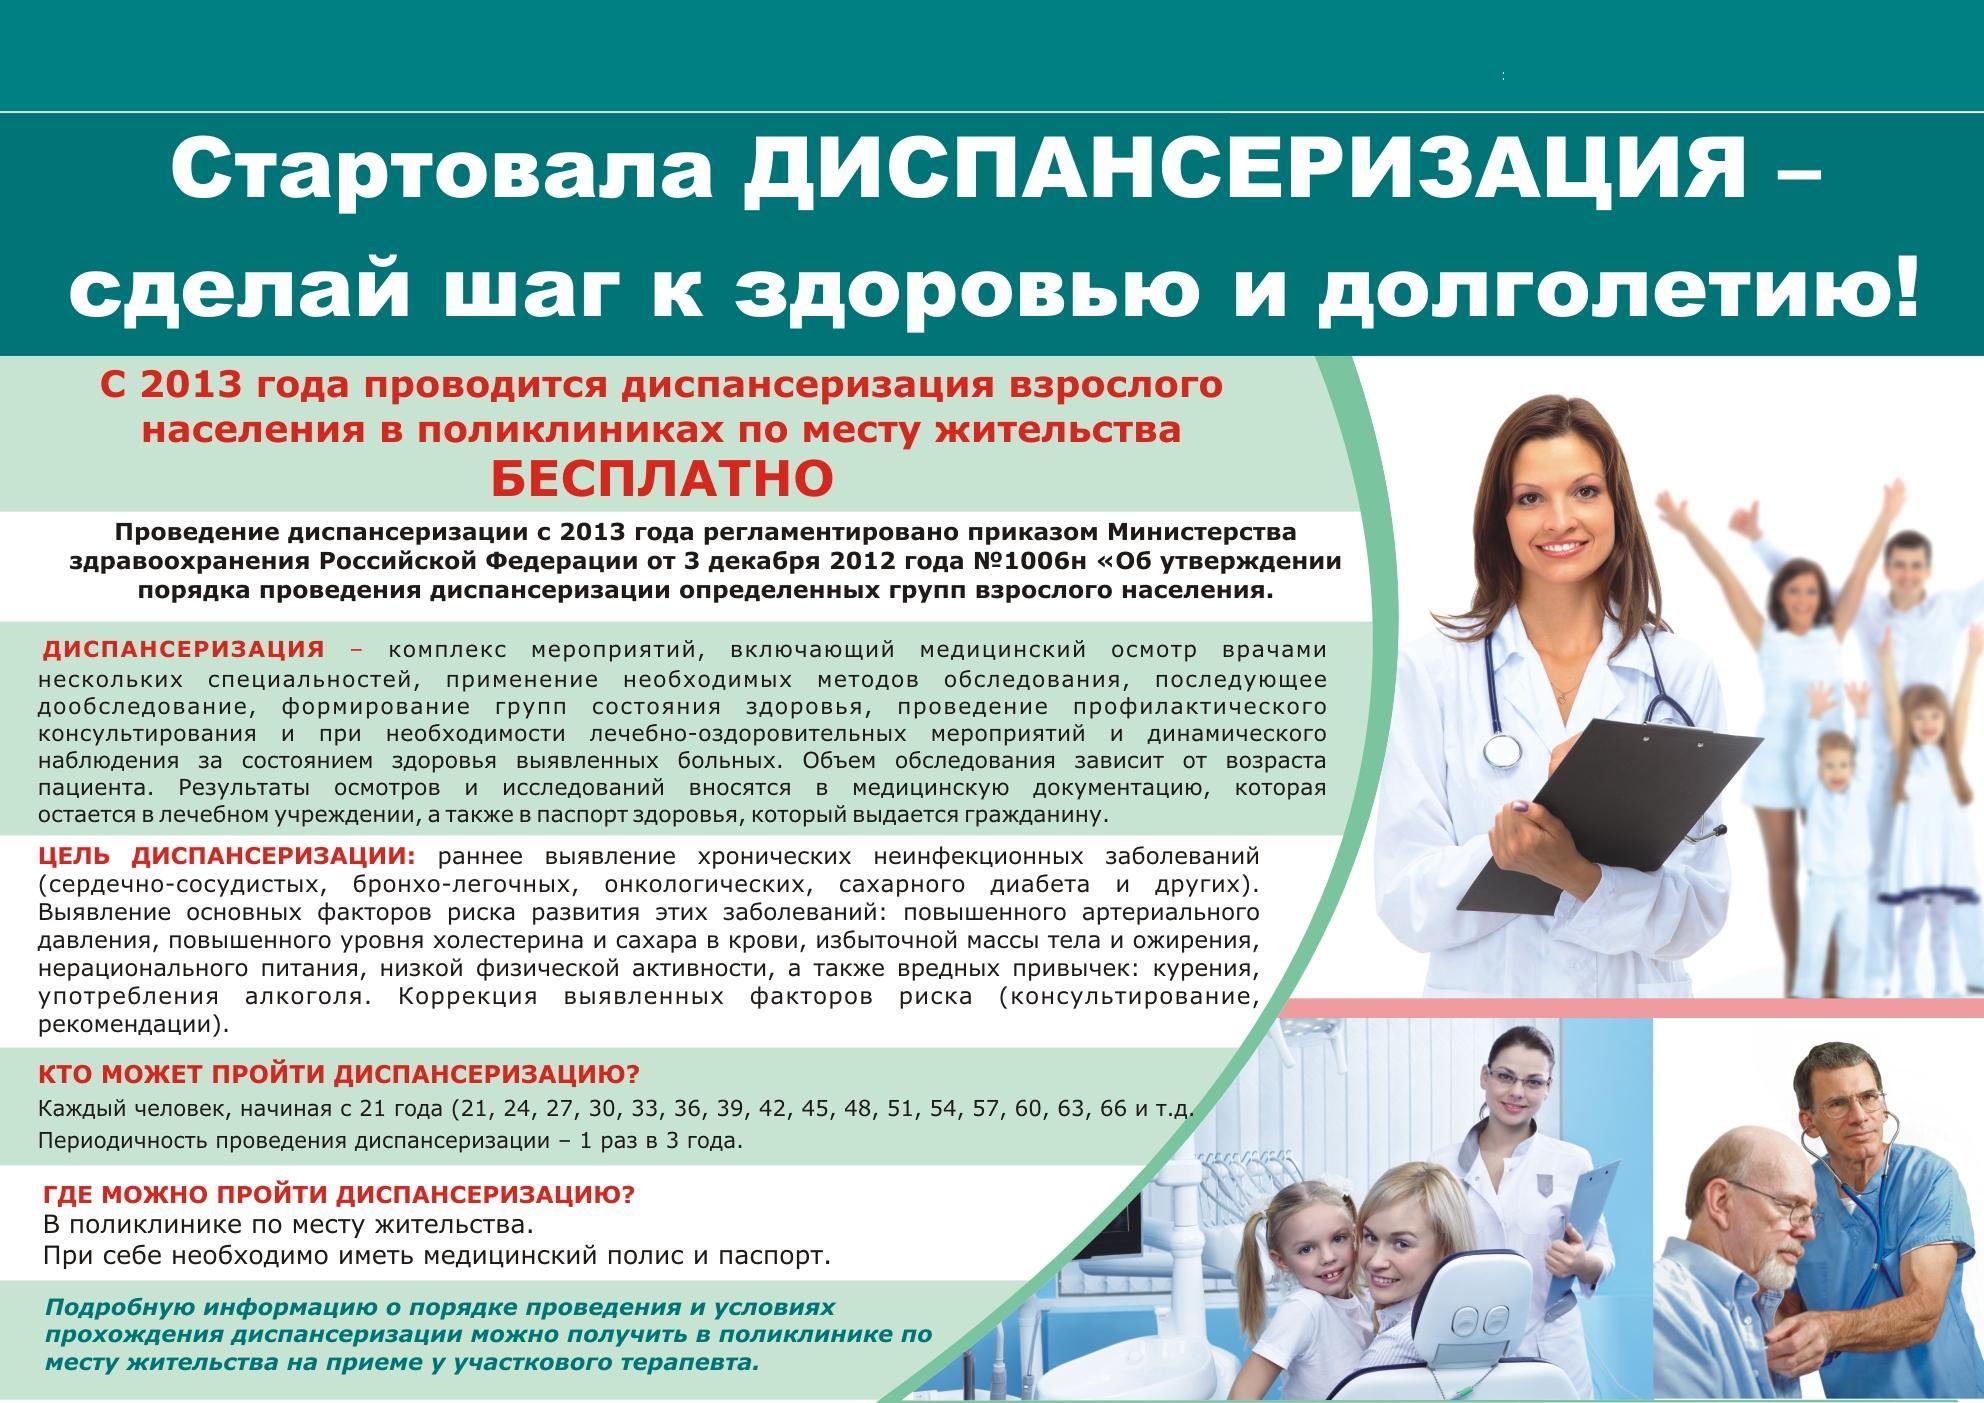 Клиники для лечения псориаза в казани